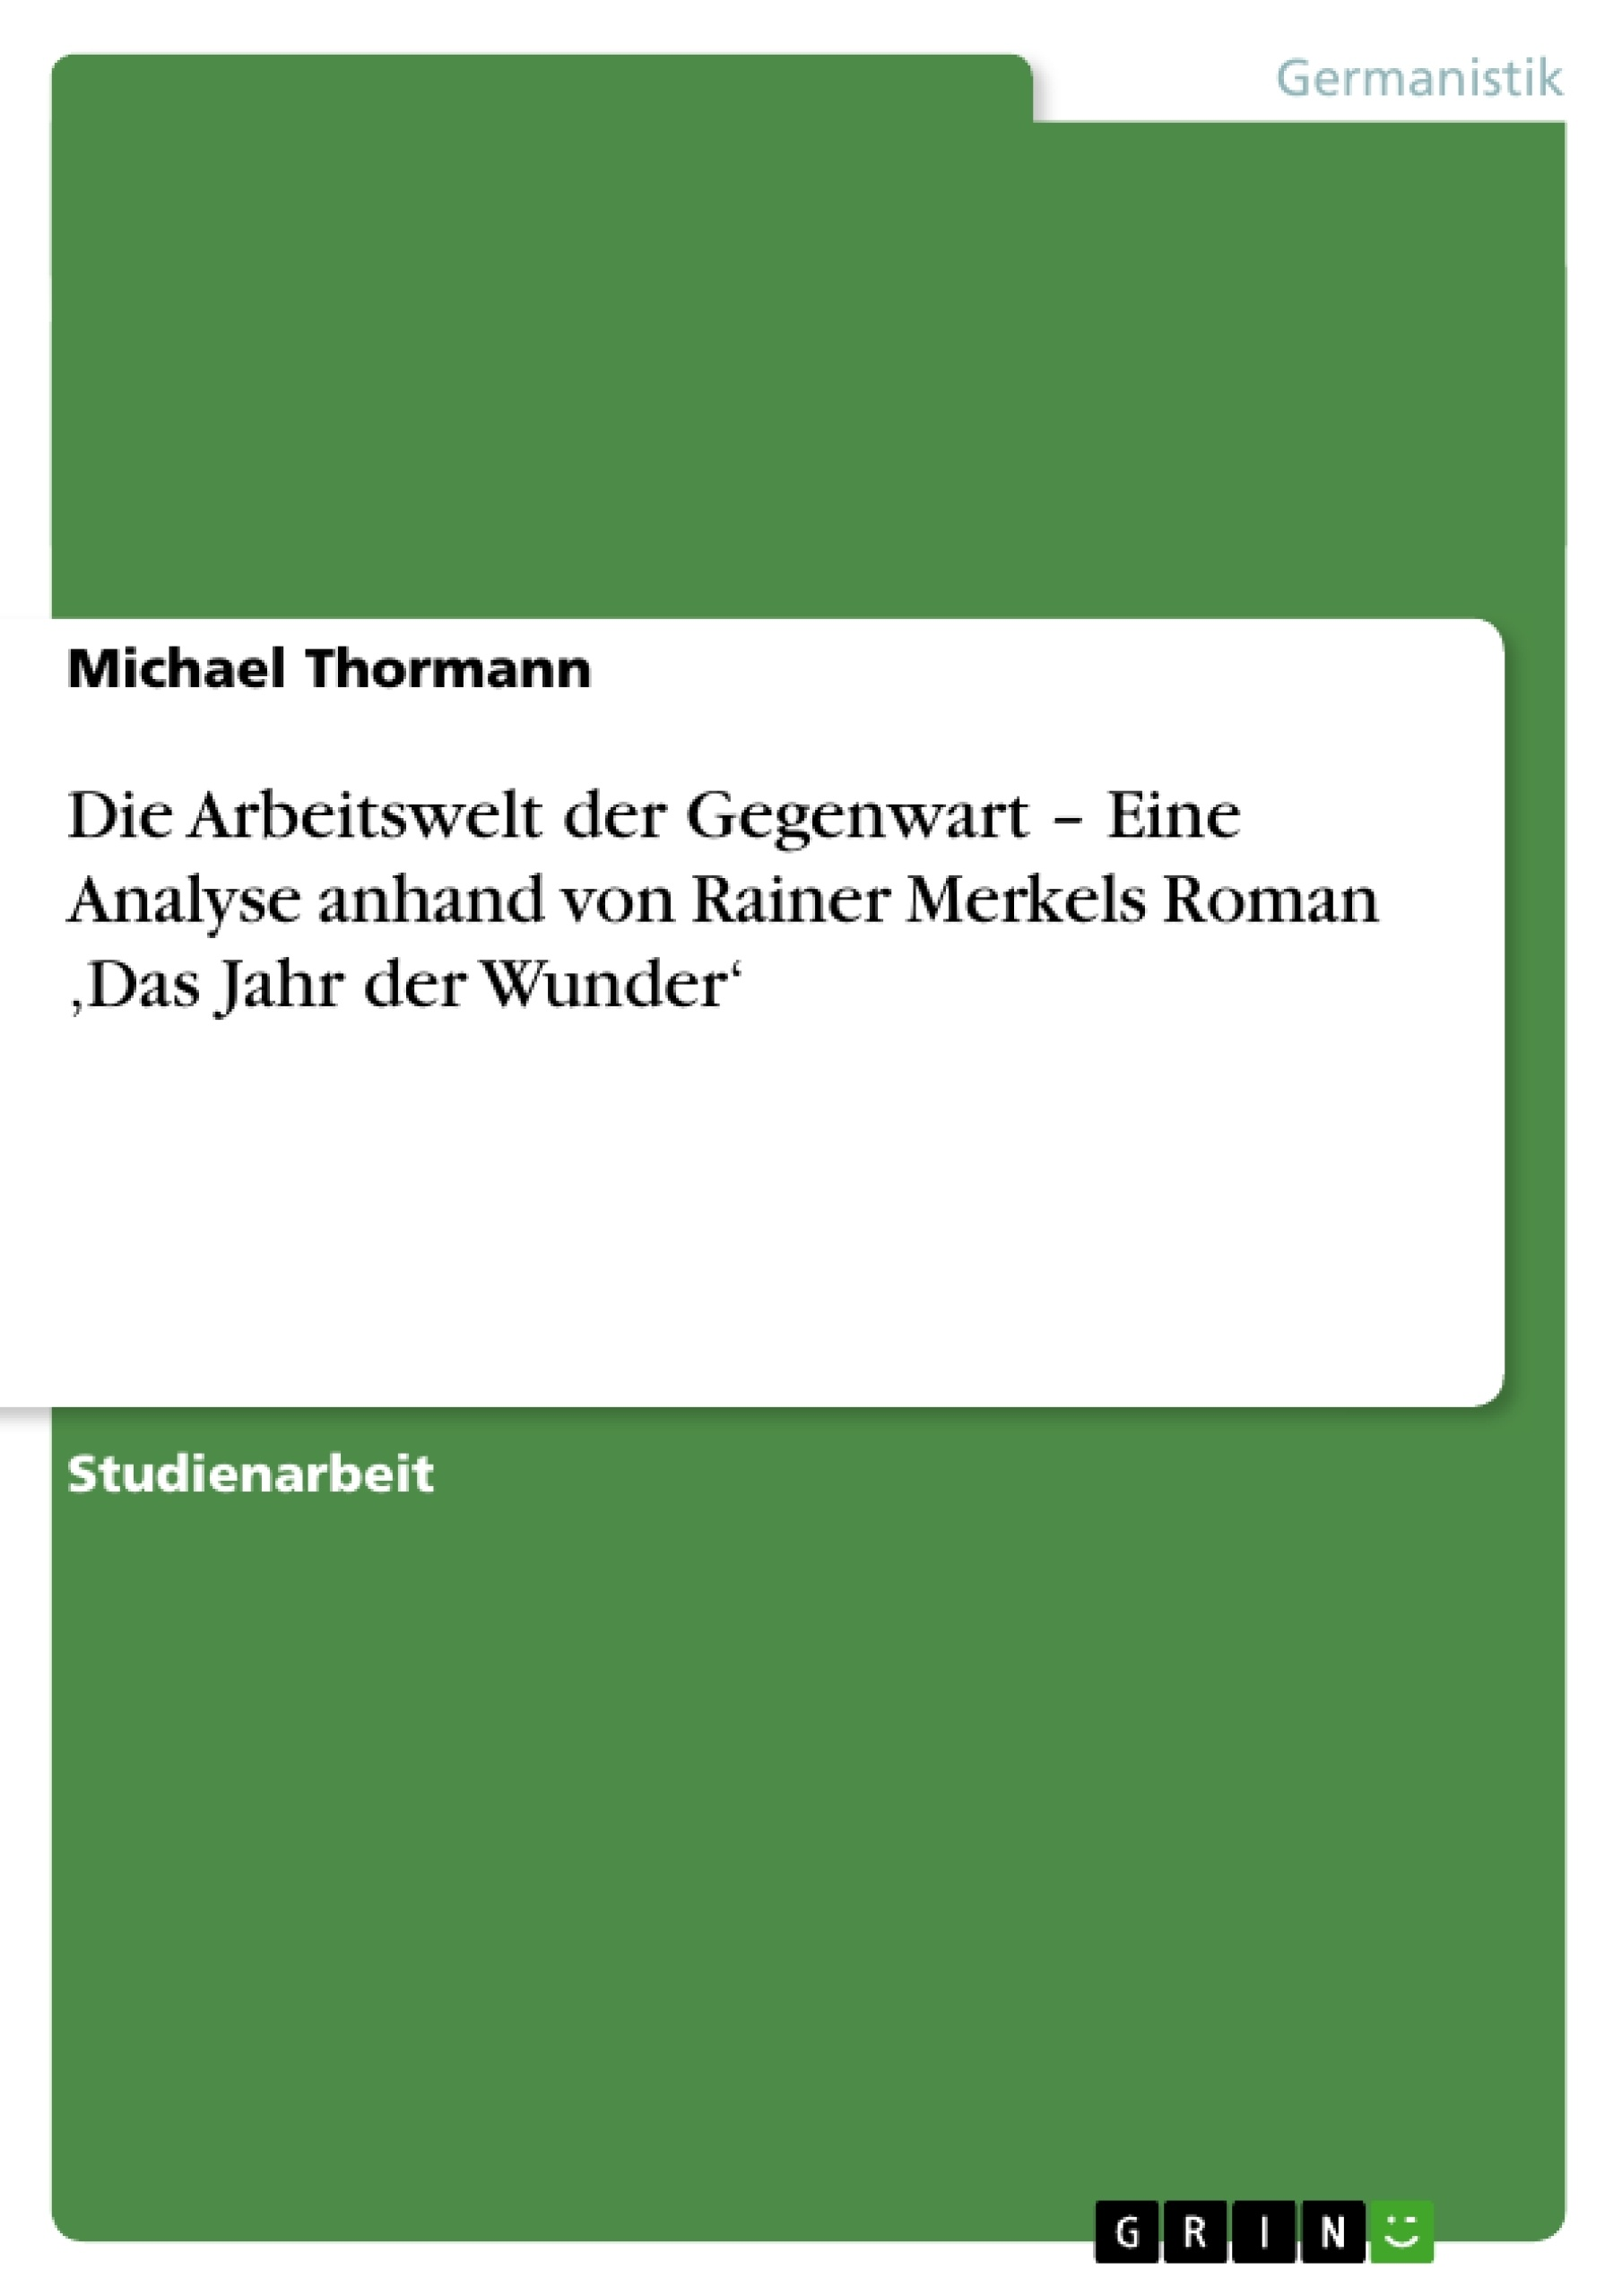 Titel: Die Arbeitswelt der Gegenwart – Eine Analyse anhand von Rainer Merkels Roman 'Das Jahr der Wunder'